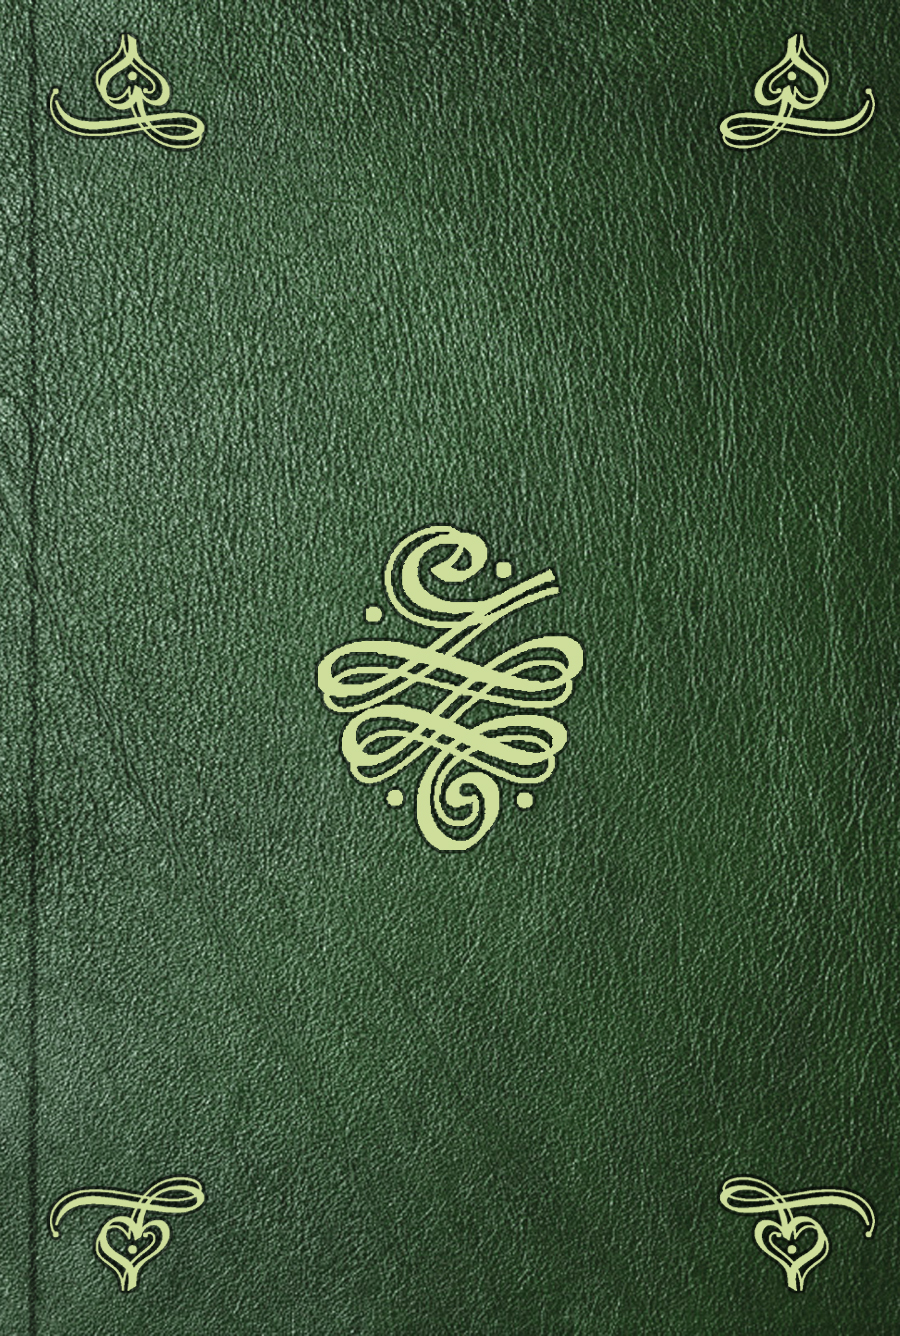 François Étienne Joubert Manuel de l'amateur d'estampes. Vol. 3 manuel ricardo trelles revista del archivo general de buenos aires 1870 vol 2 classic reprint